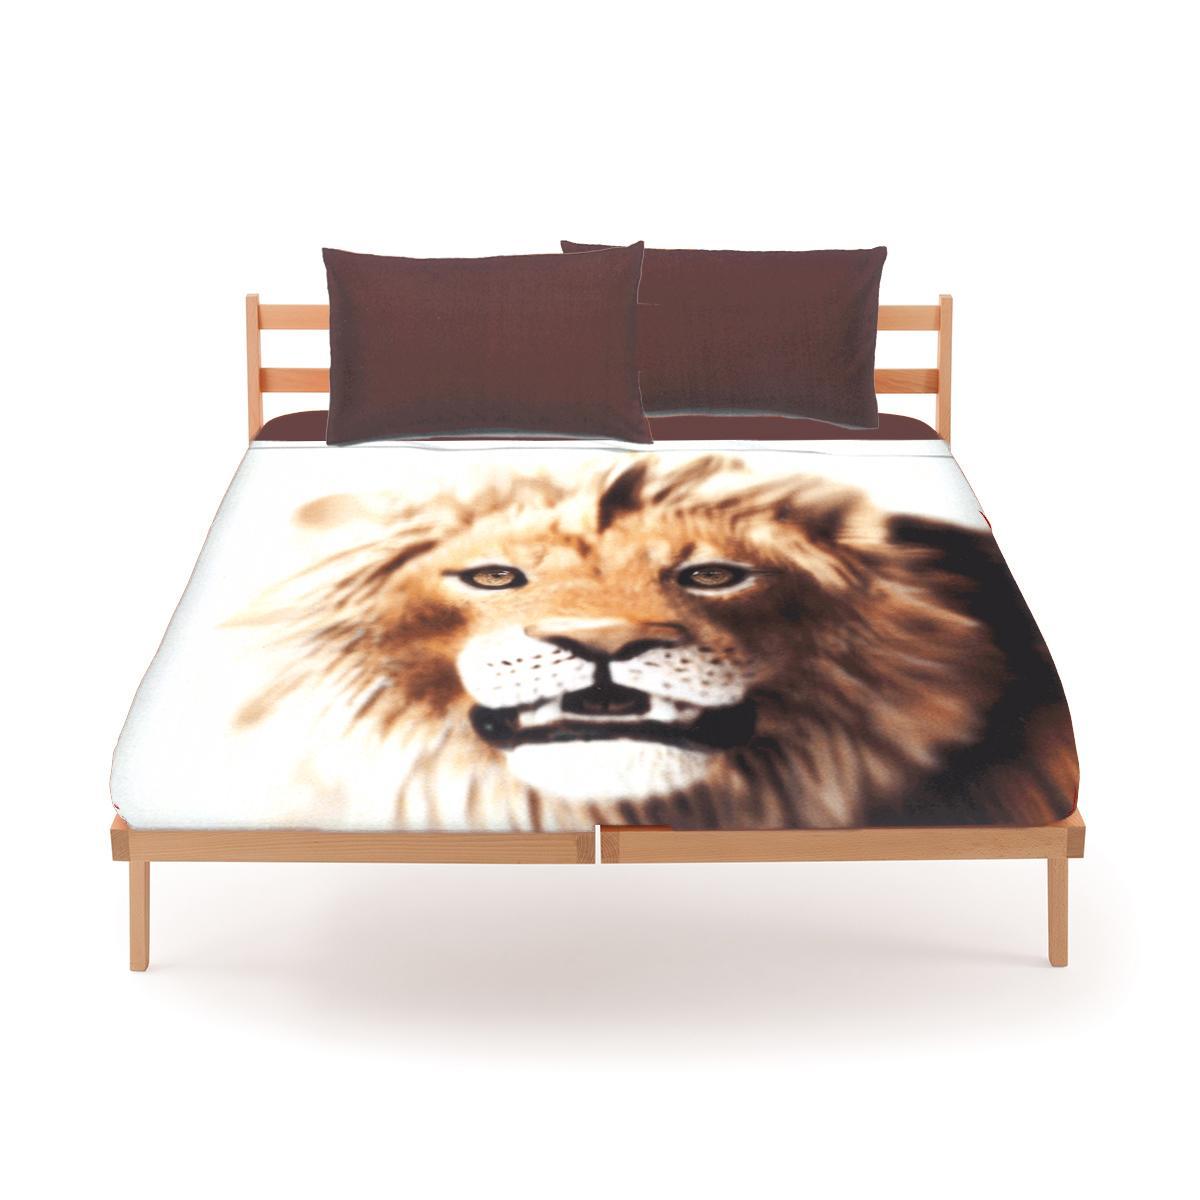 Set lenzuola bassetti by gardone per letto singolo fondo bianco leone - Piumini letto singolo bassetti ...